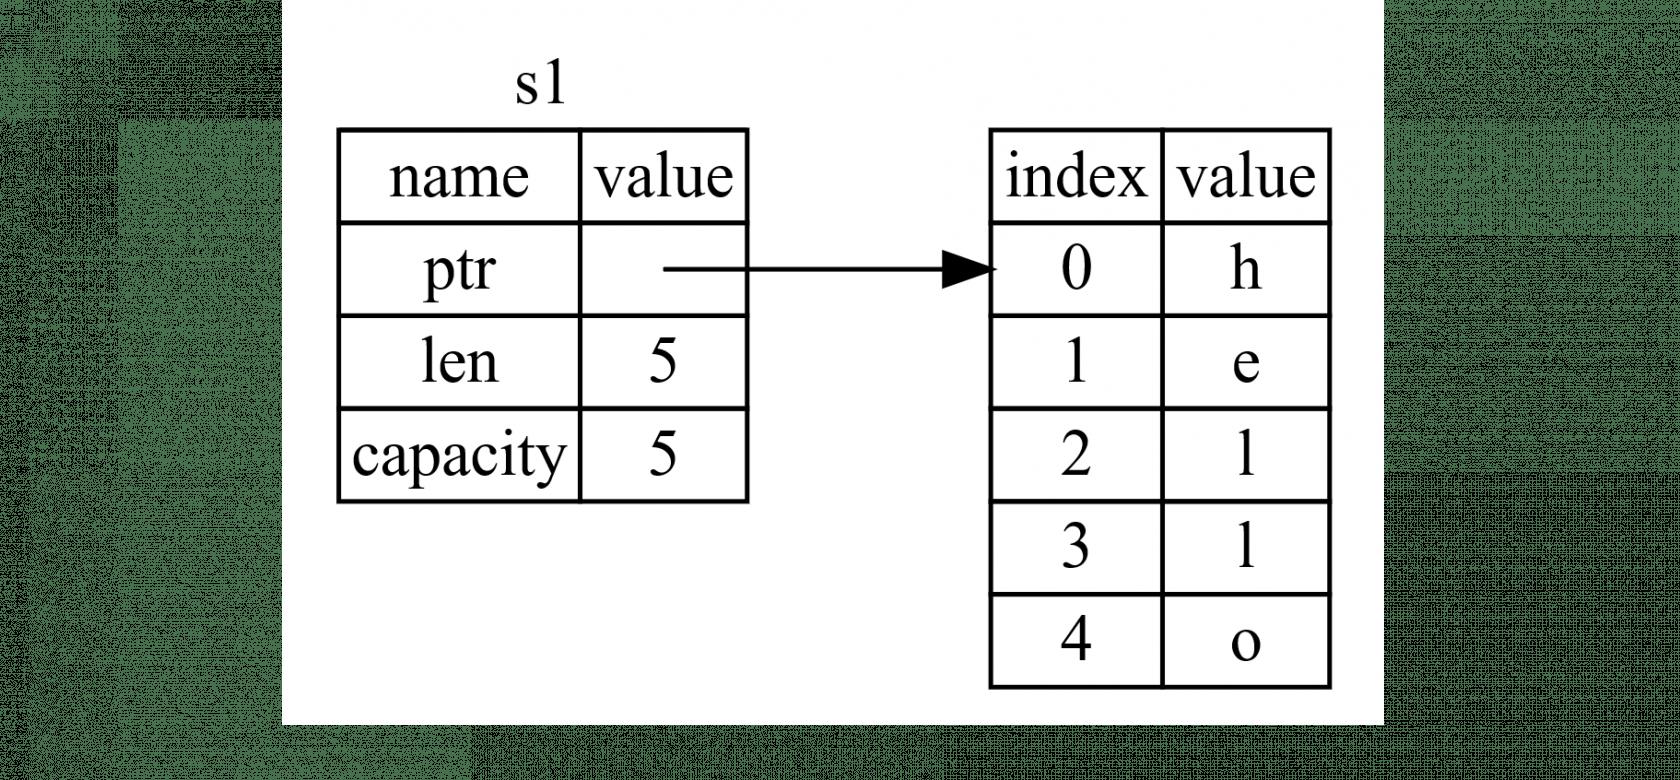 图 4-1